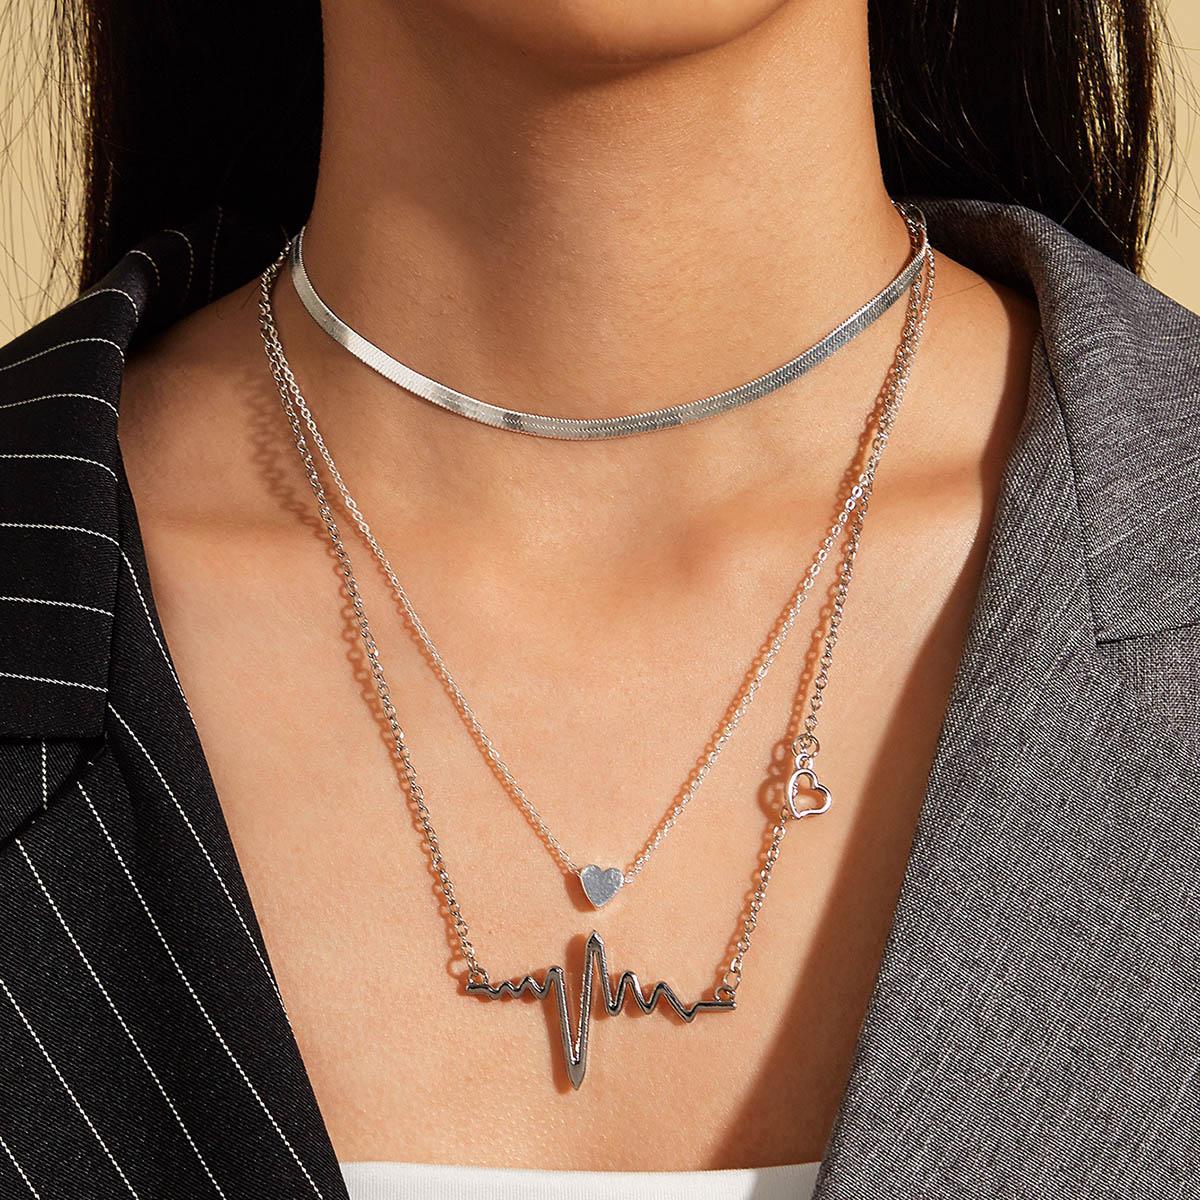 SHEIN / 3pcs Herz & Herzschlag Charm Halskette